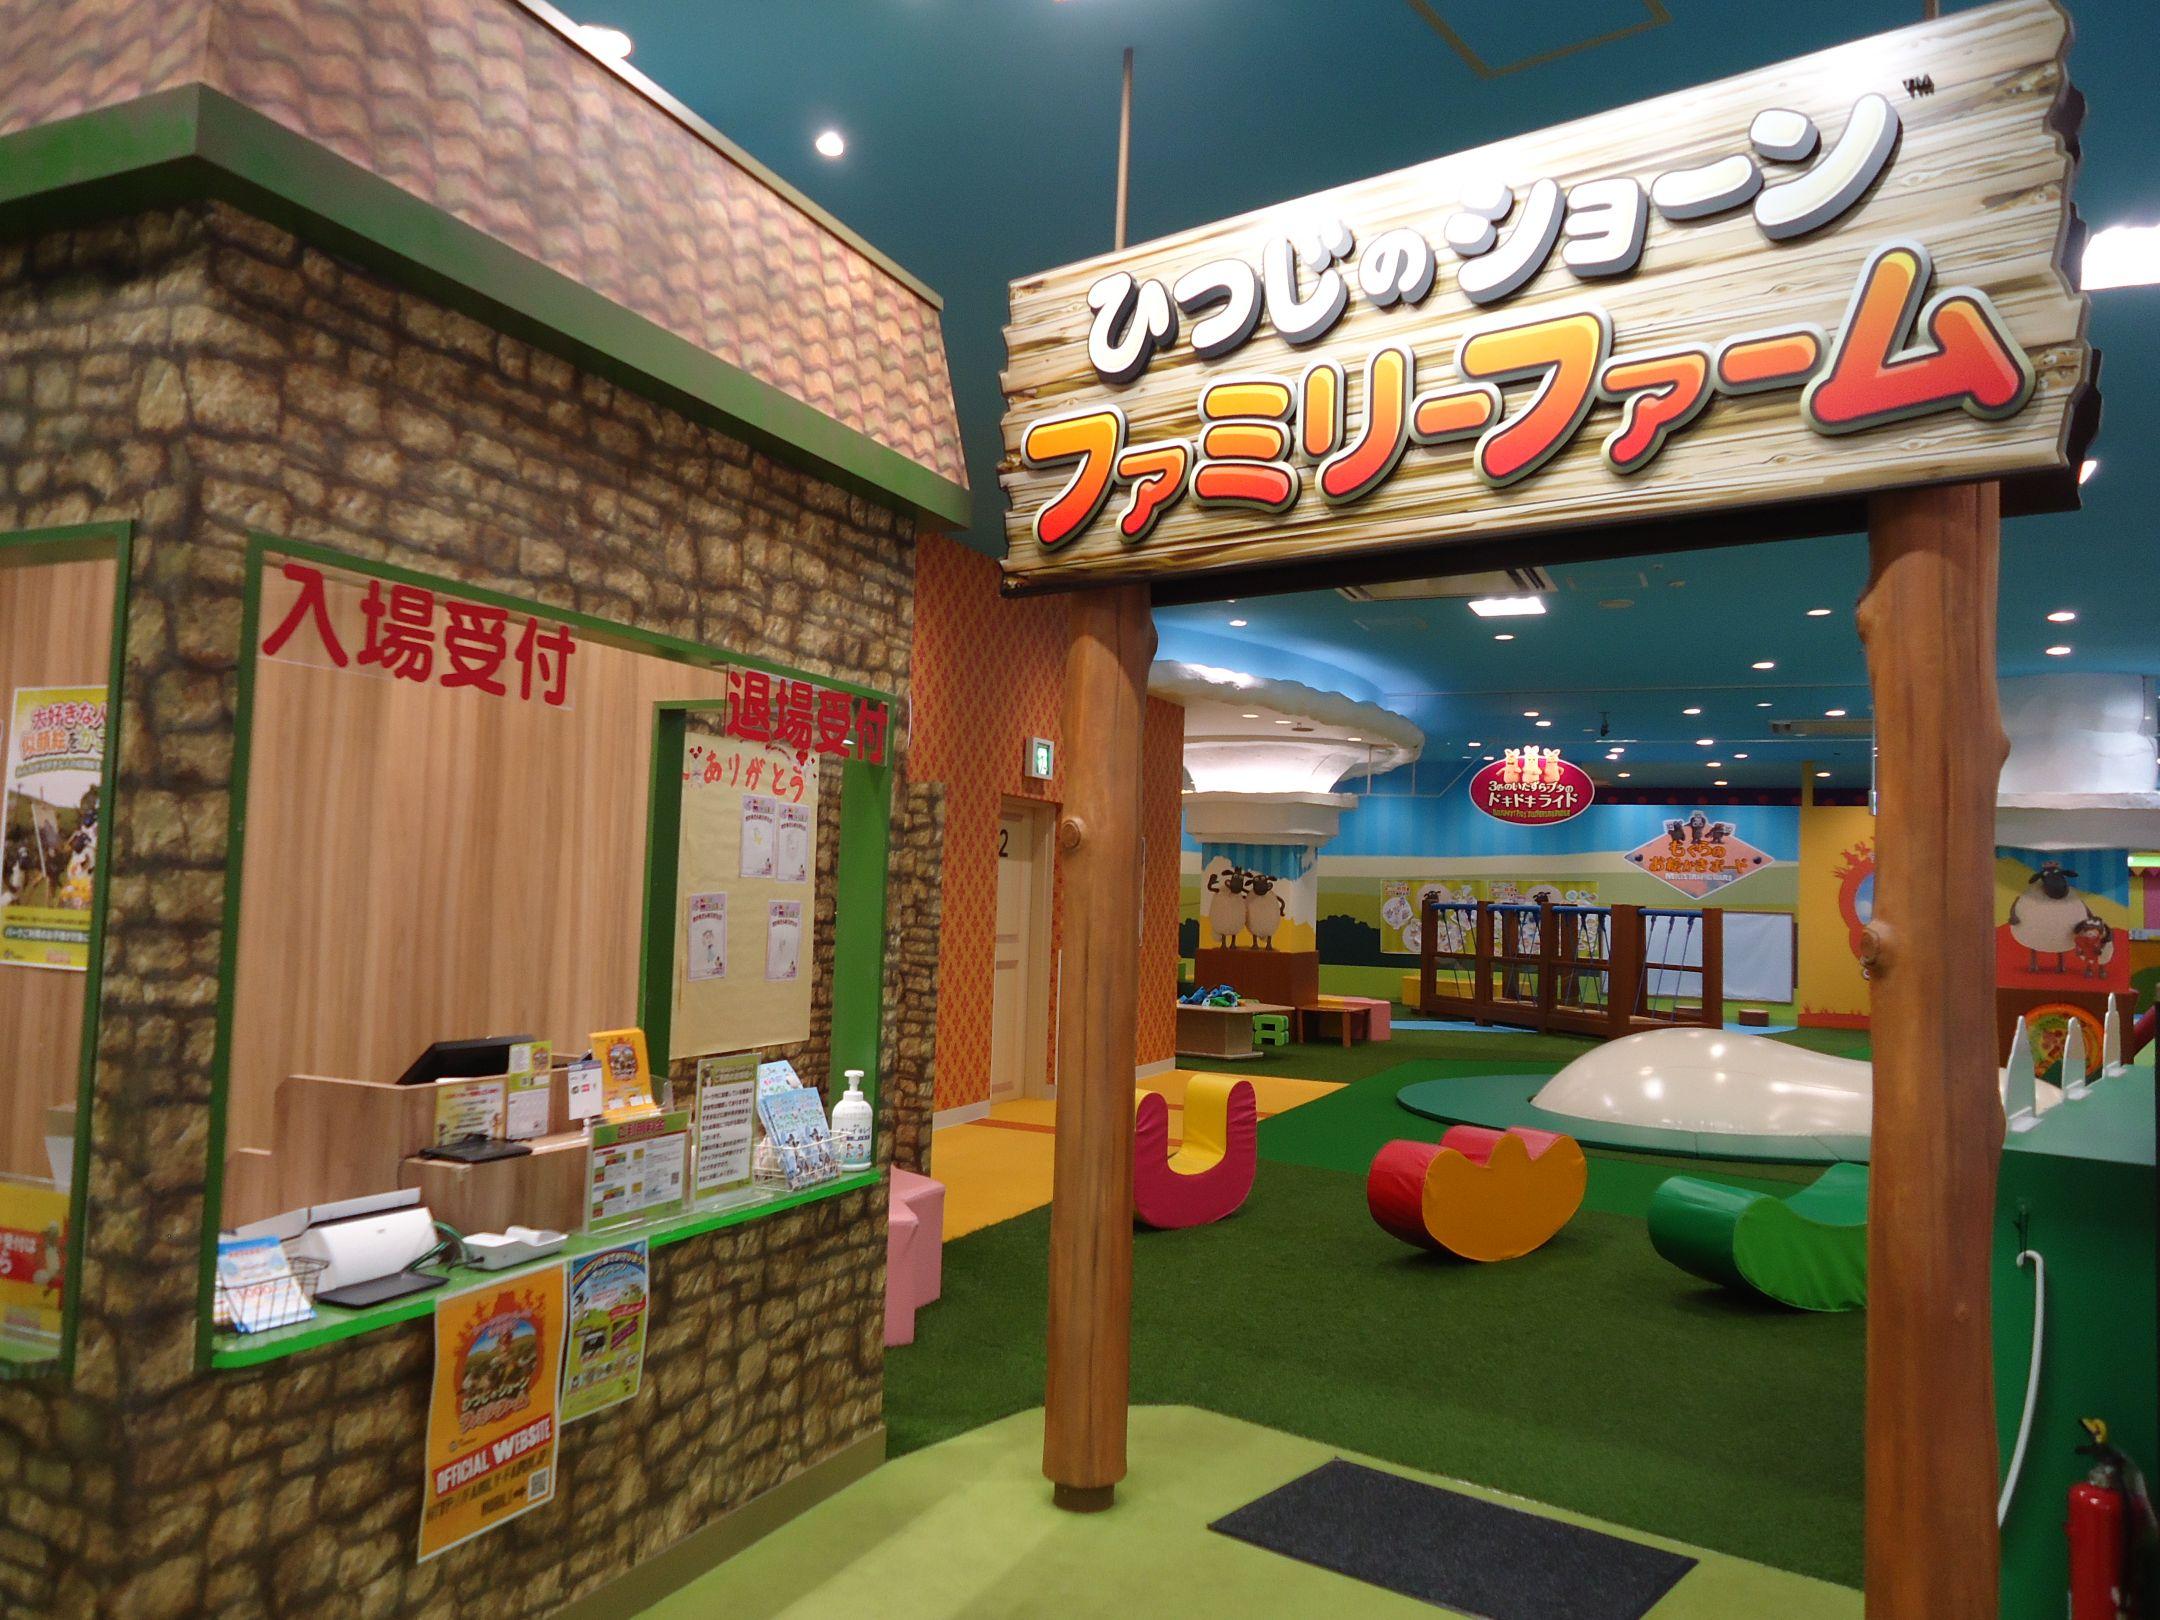 ひつじのショーン ファミリーファーム 湘南モールフィル店